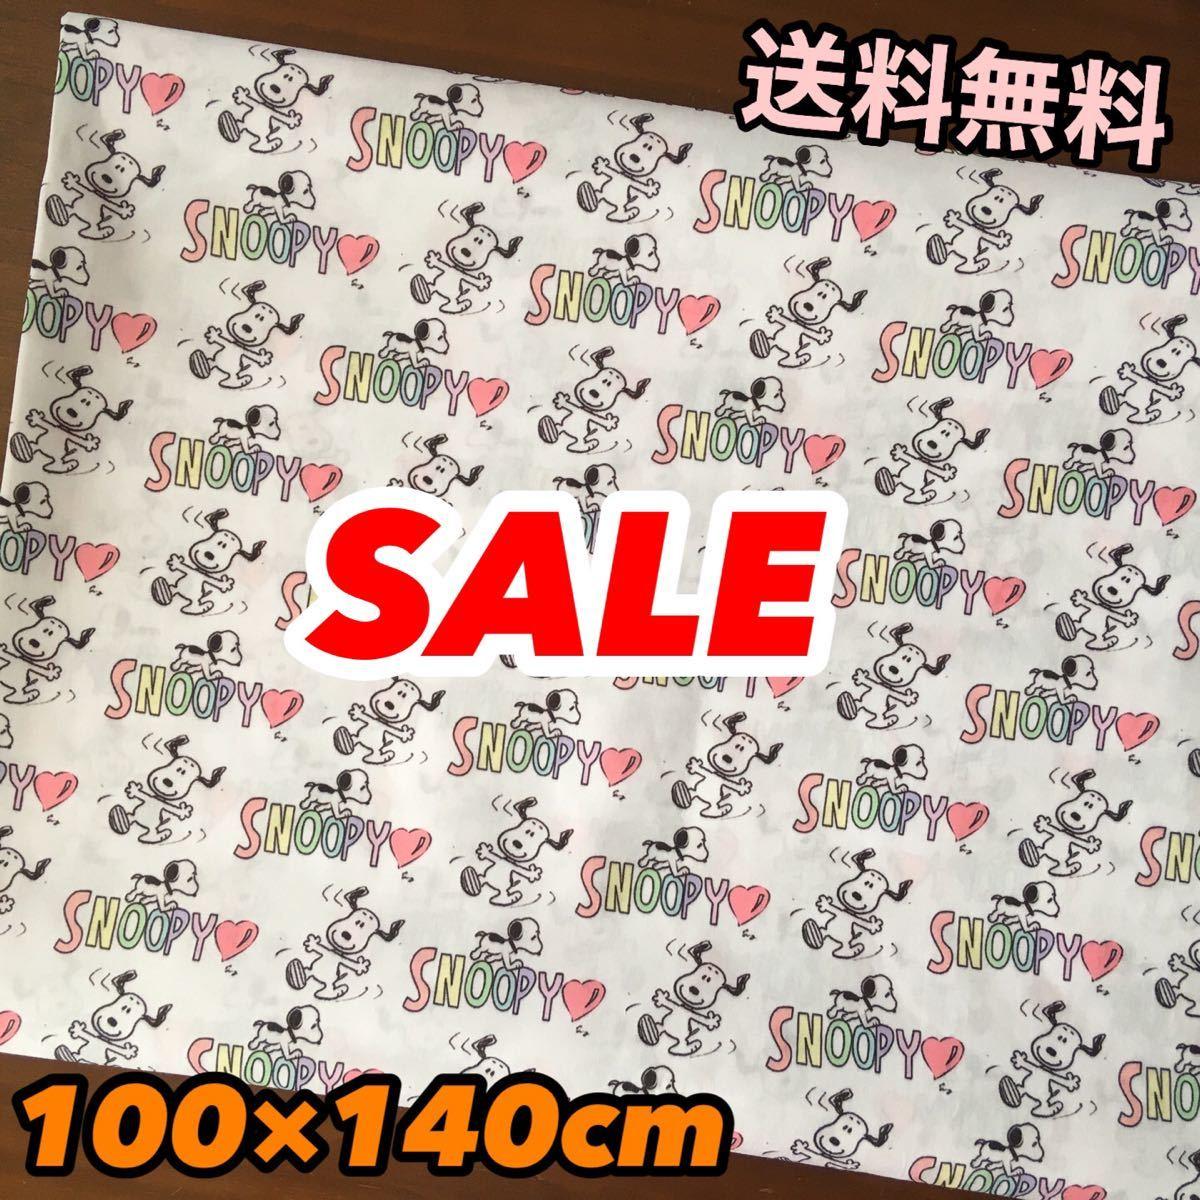 SALE☆SNOOPY柄 スヌーピー  生地 ハンドメイド 100×140